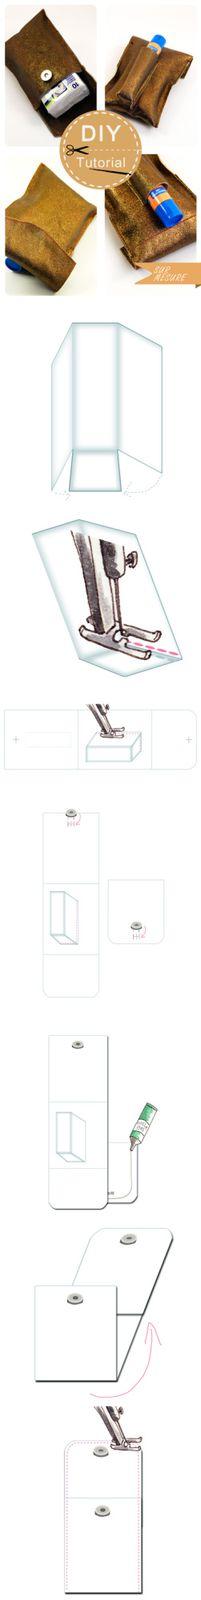 tutorial-DIY.jpg